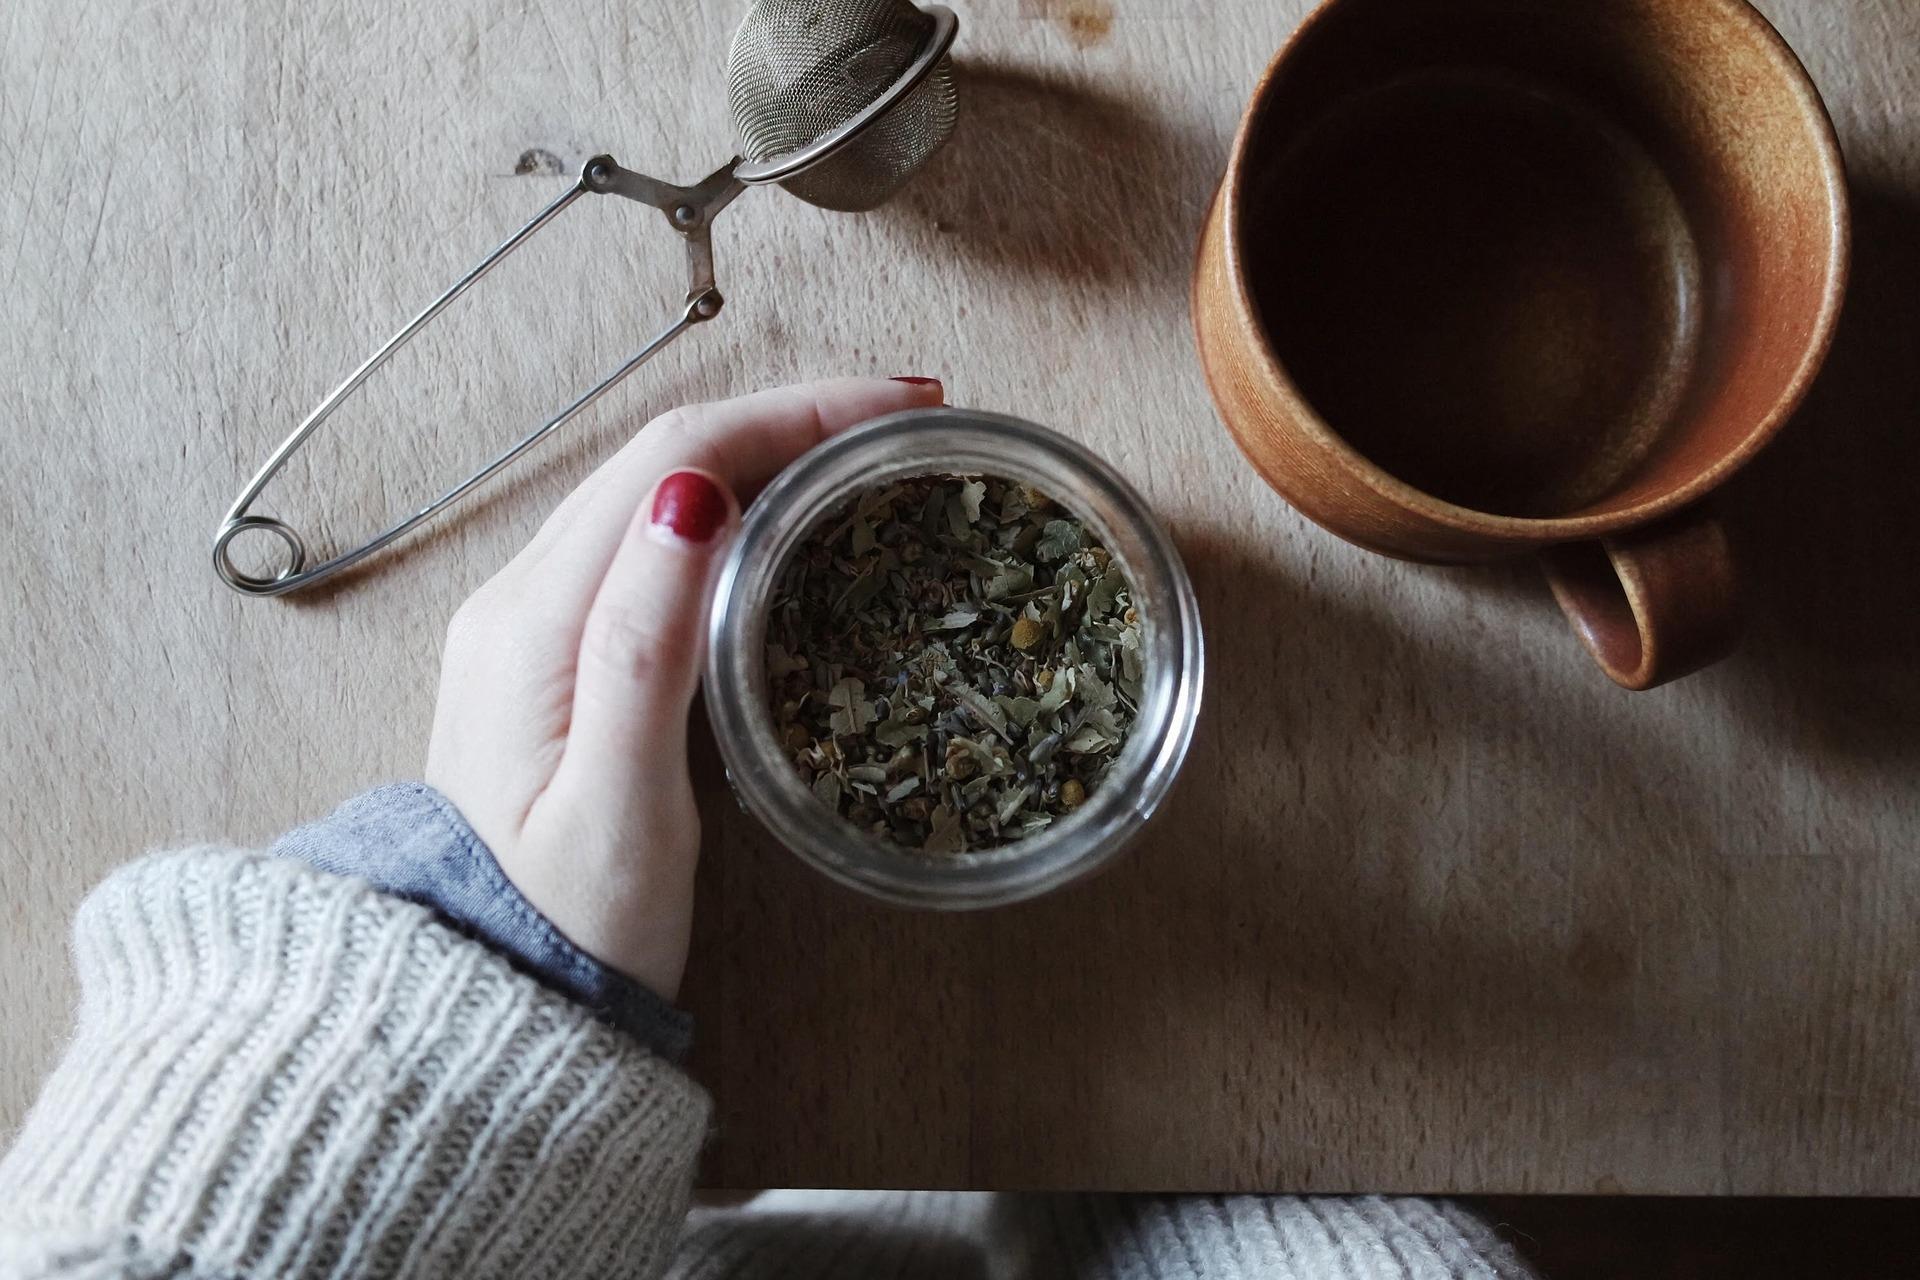 Jak prawidłowo parzyć herbatę?